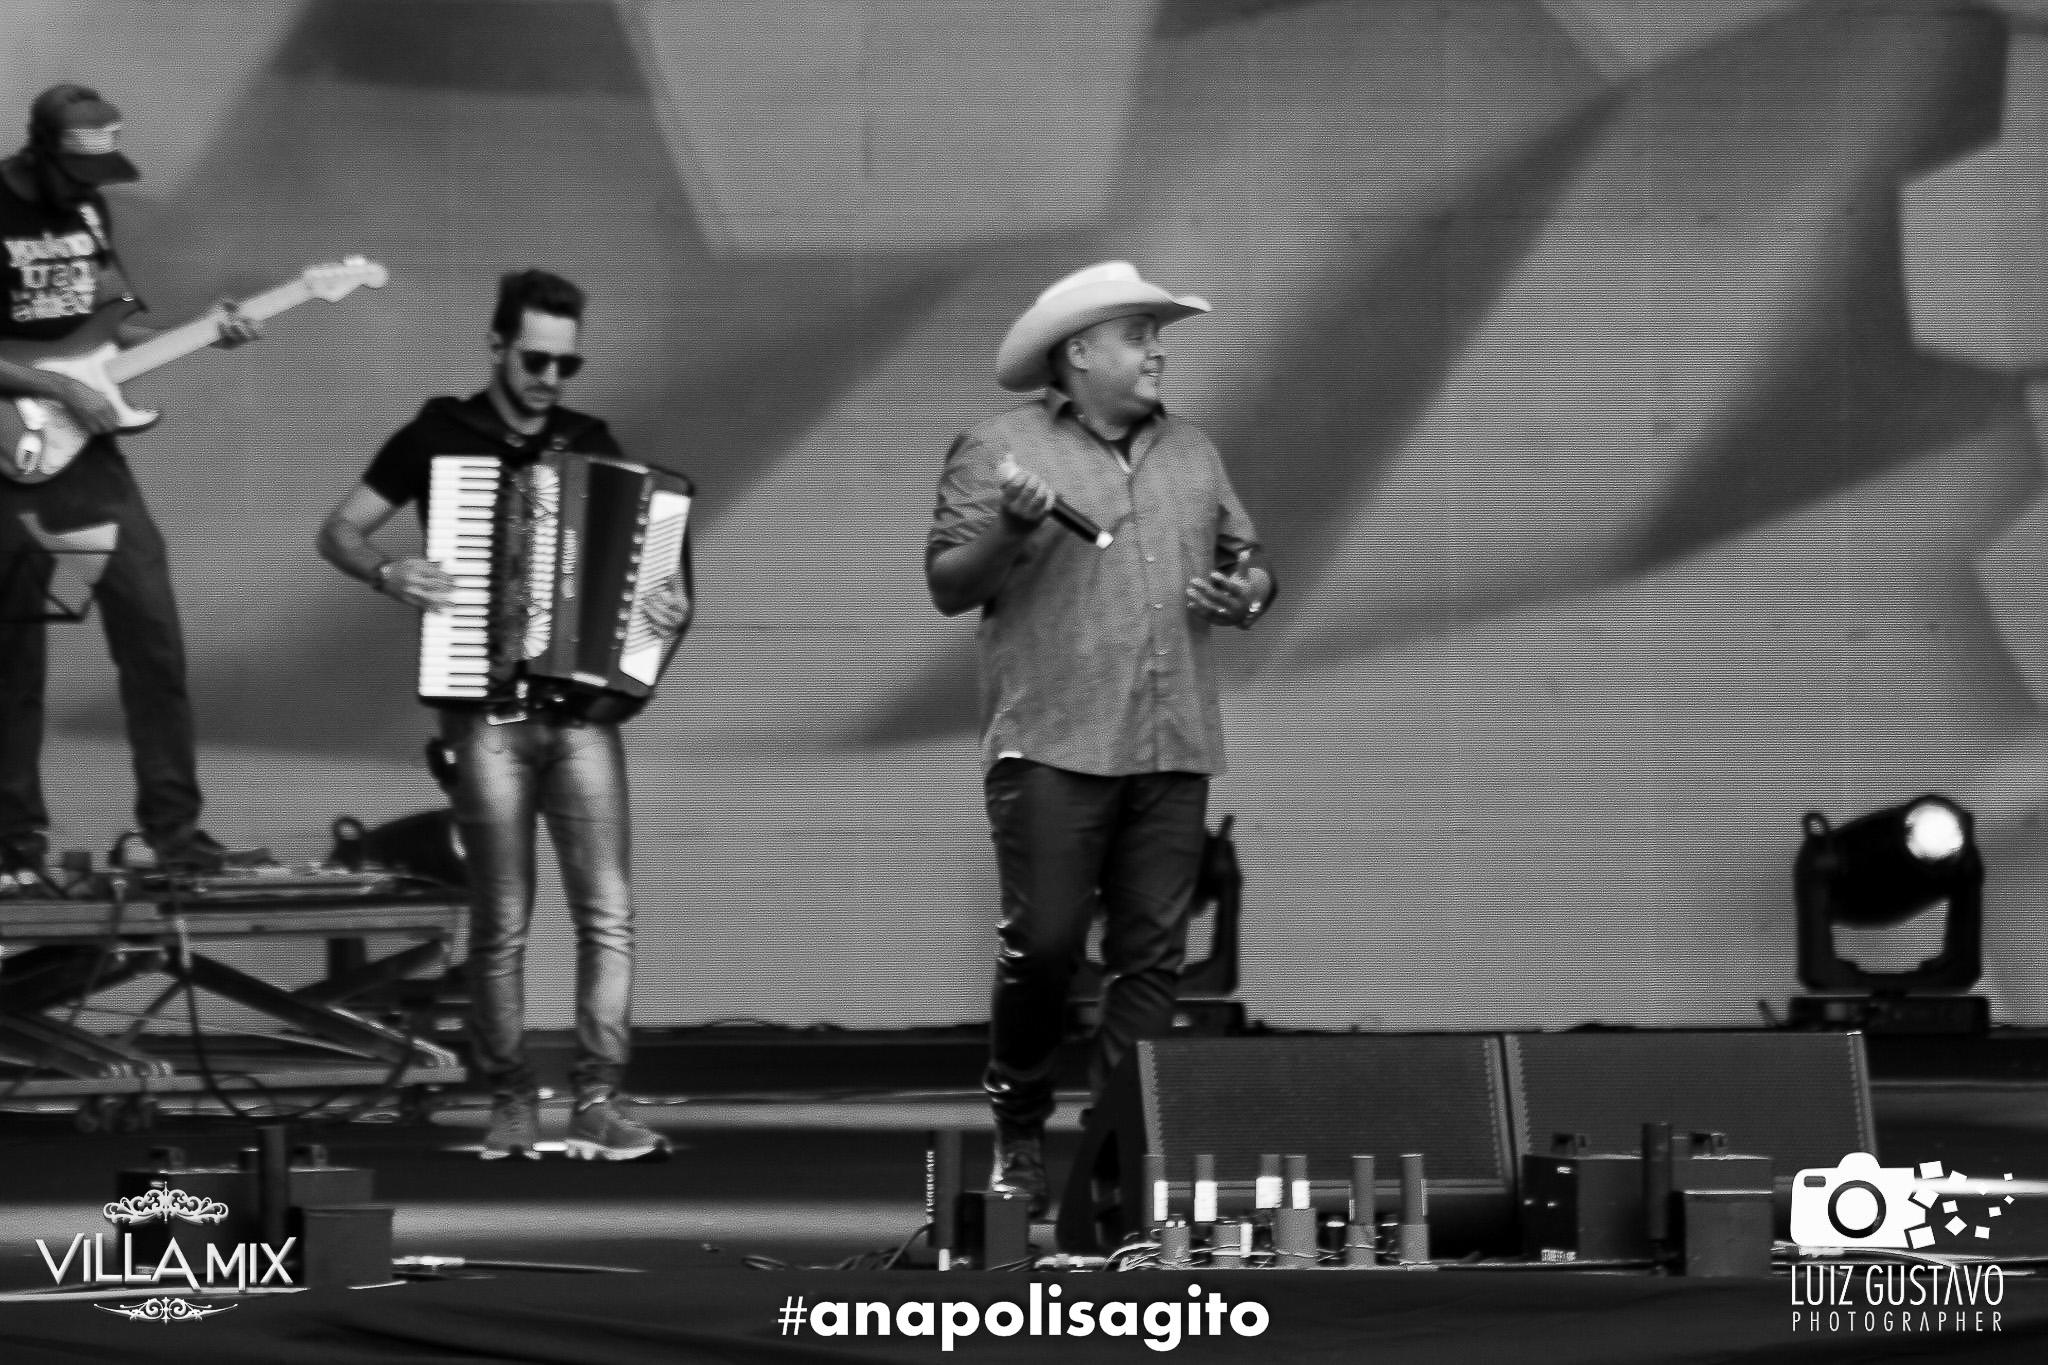 Luiz Gustavo Photographer (8 de 327)